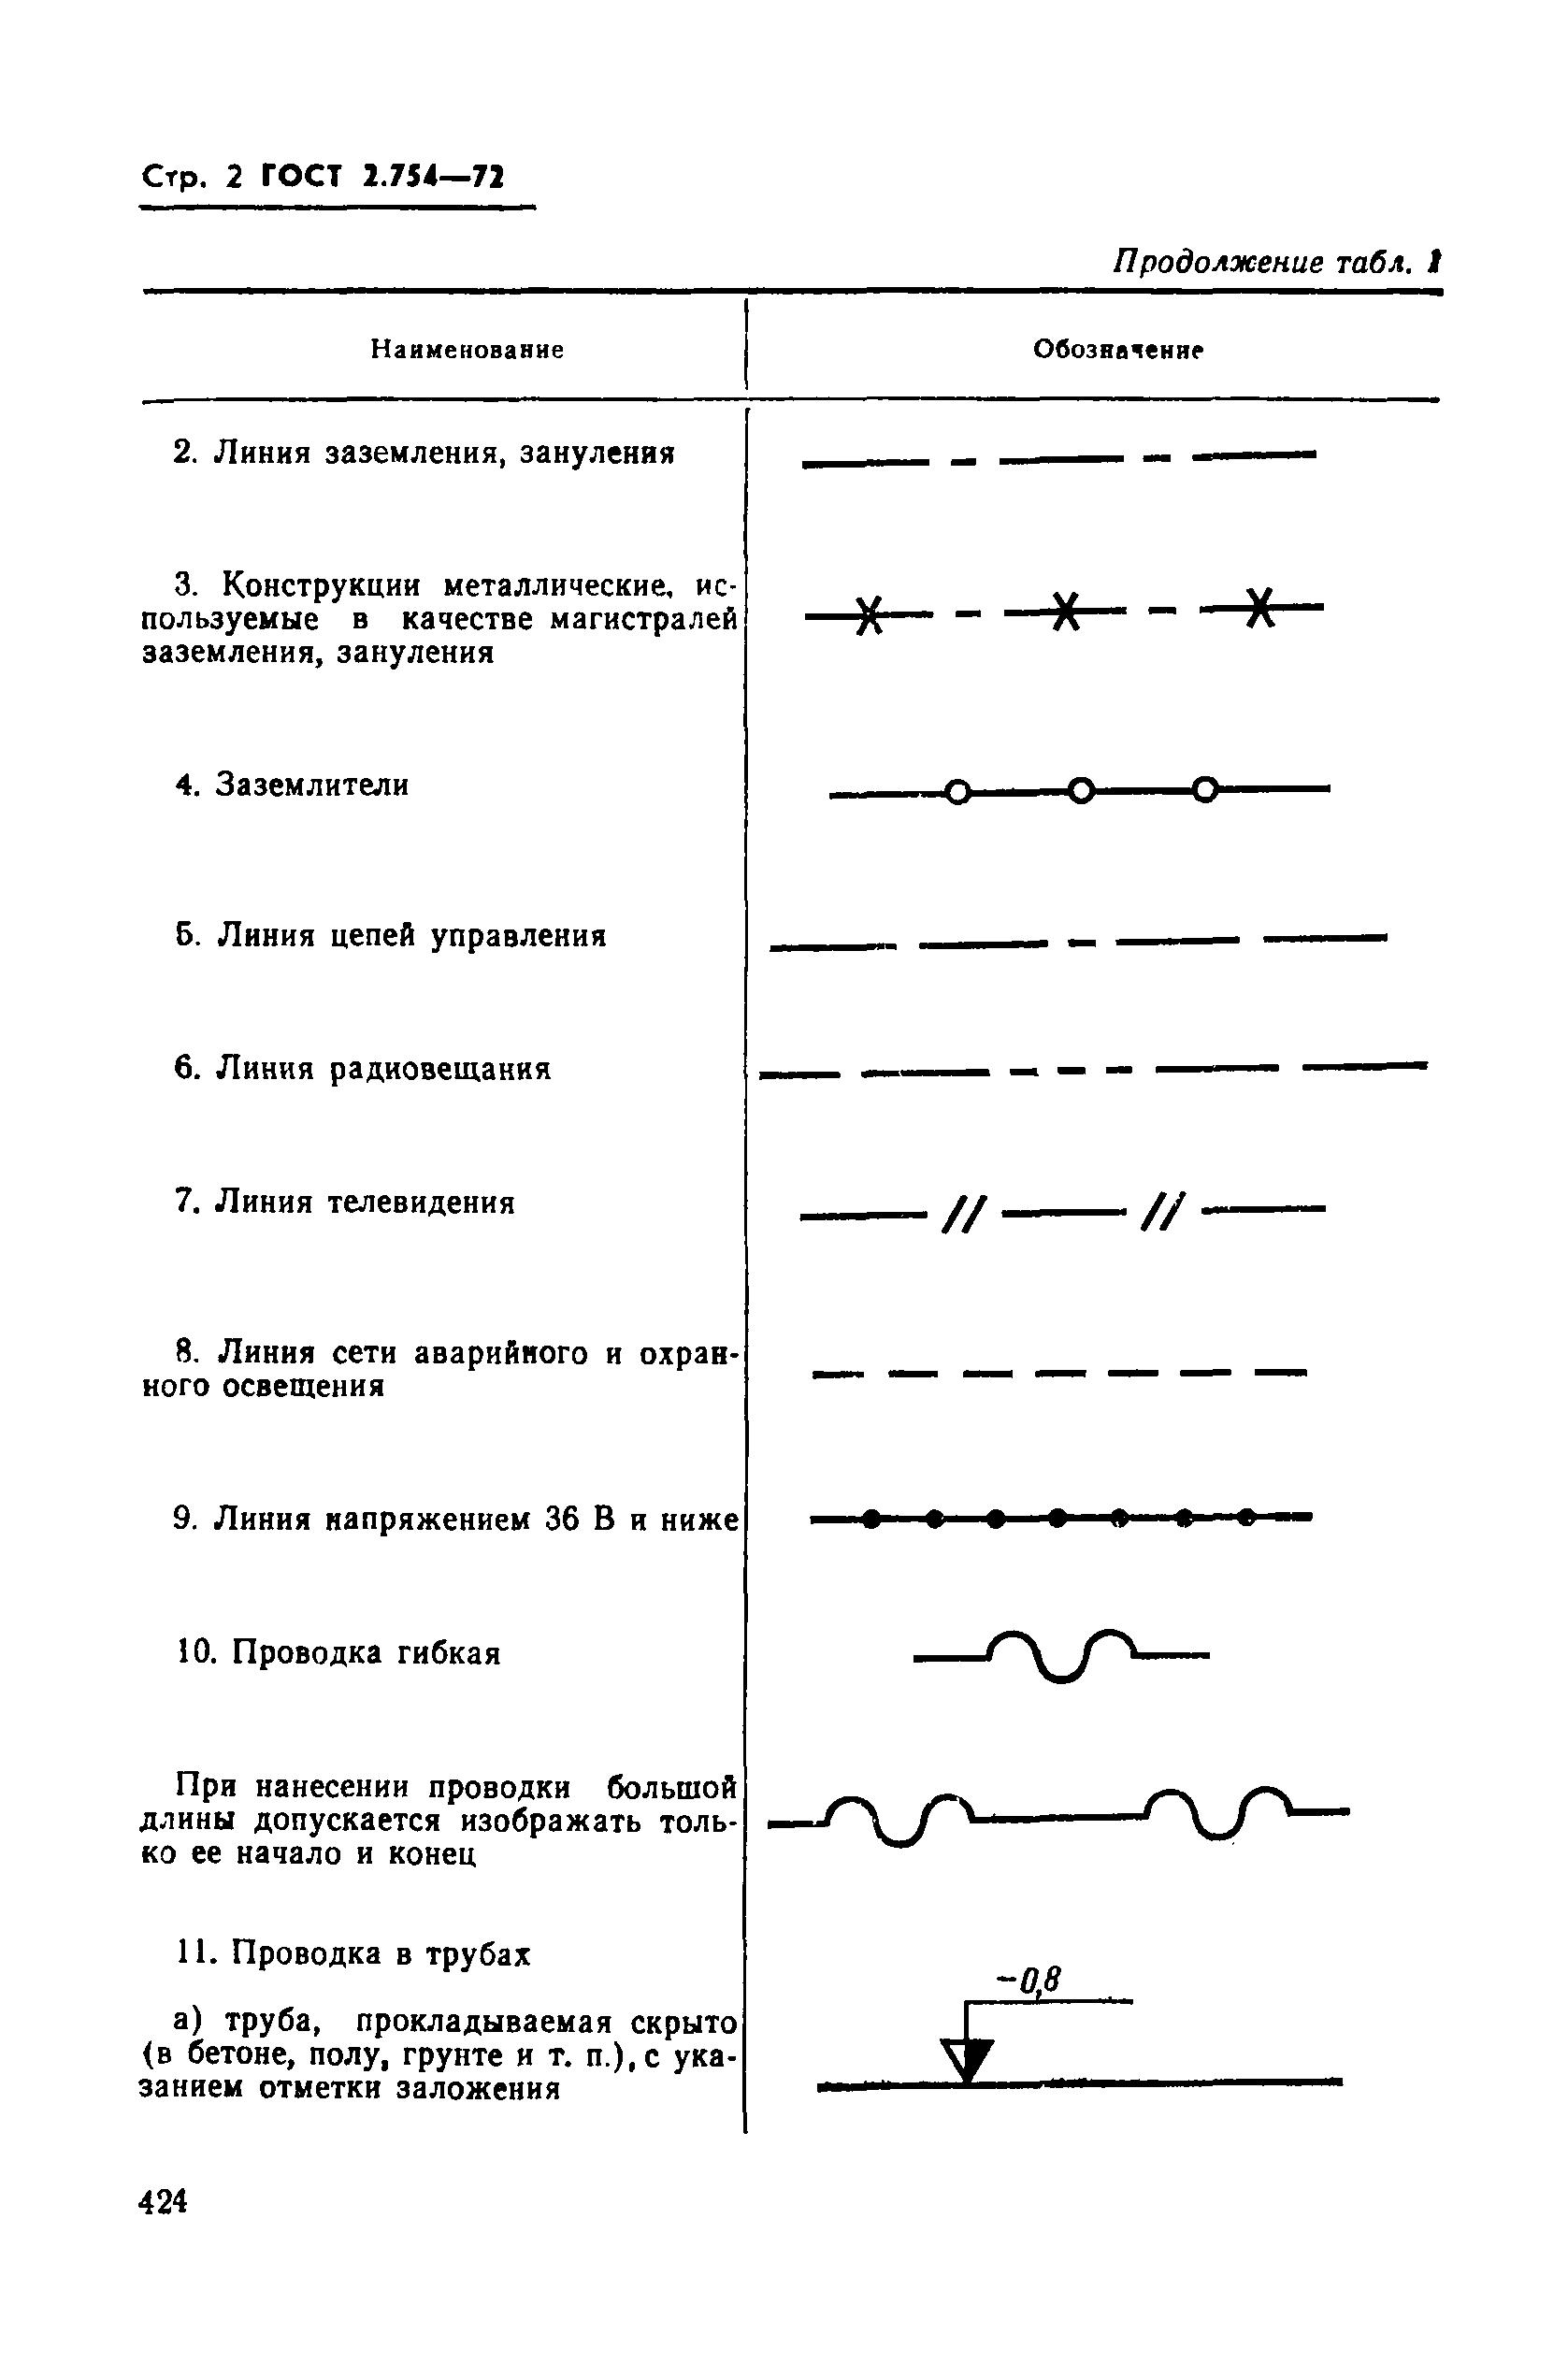 Гост 2. 754-72. Единая система конструкторской документации.